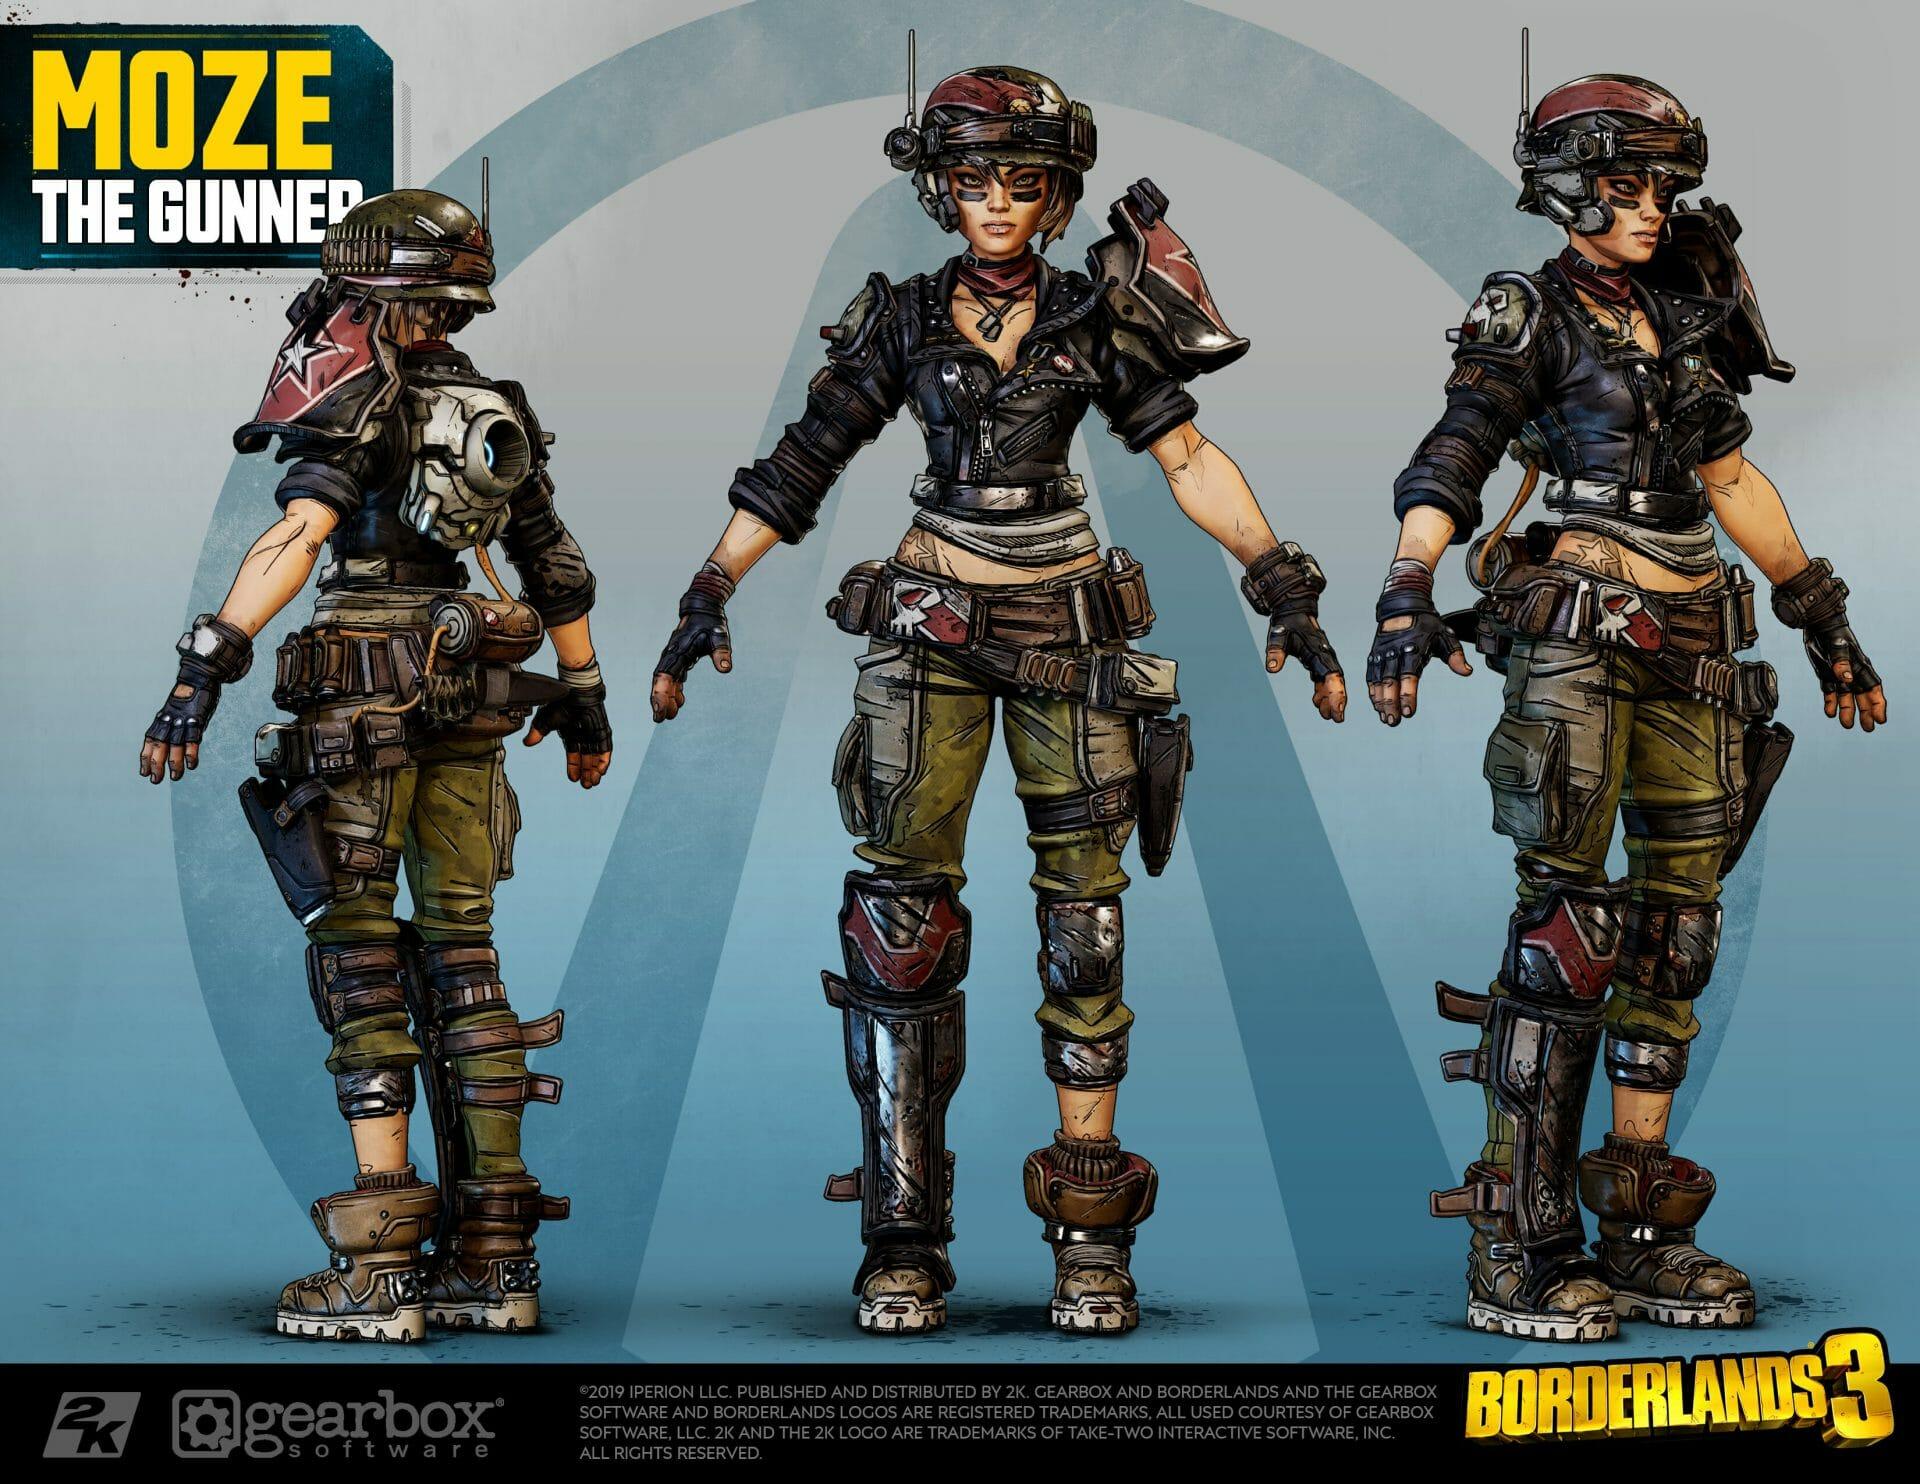 Moze, The Gunner, Borderlands 3